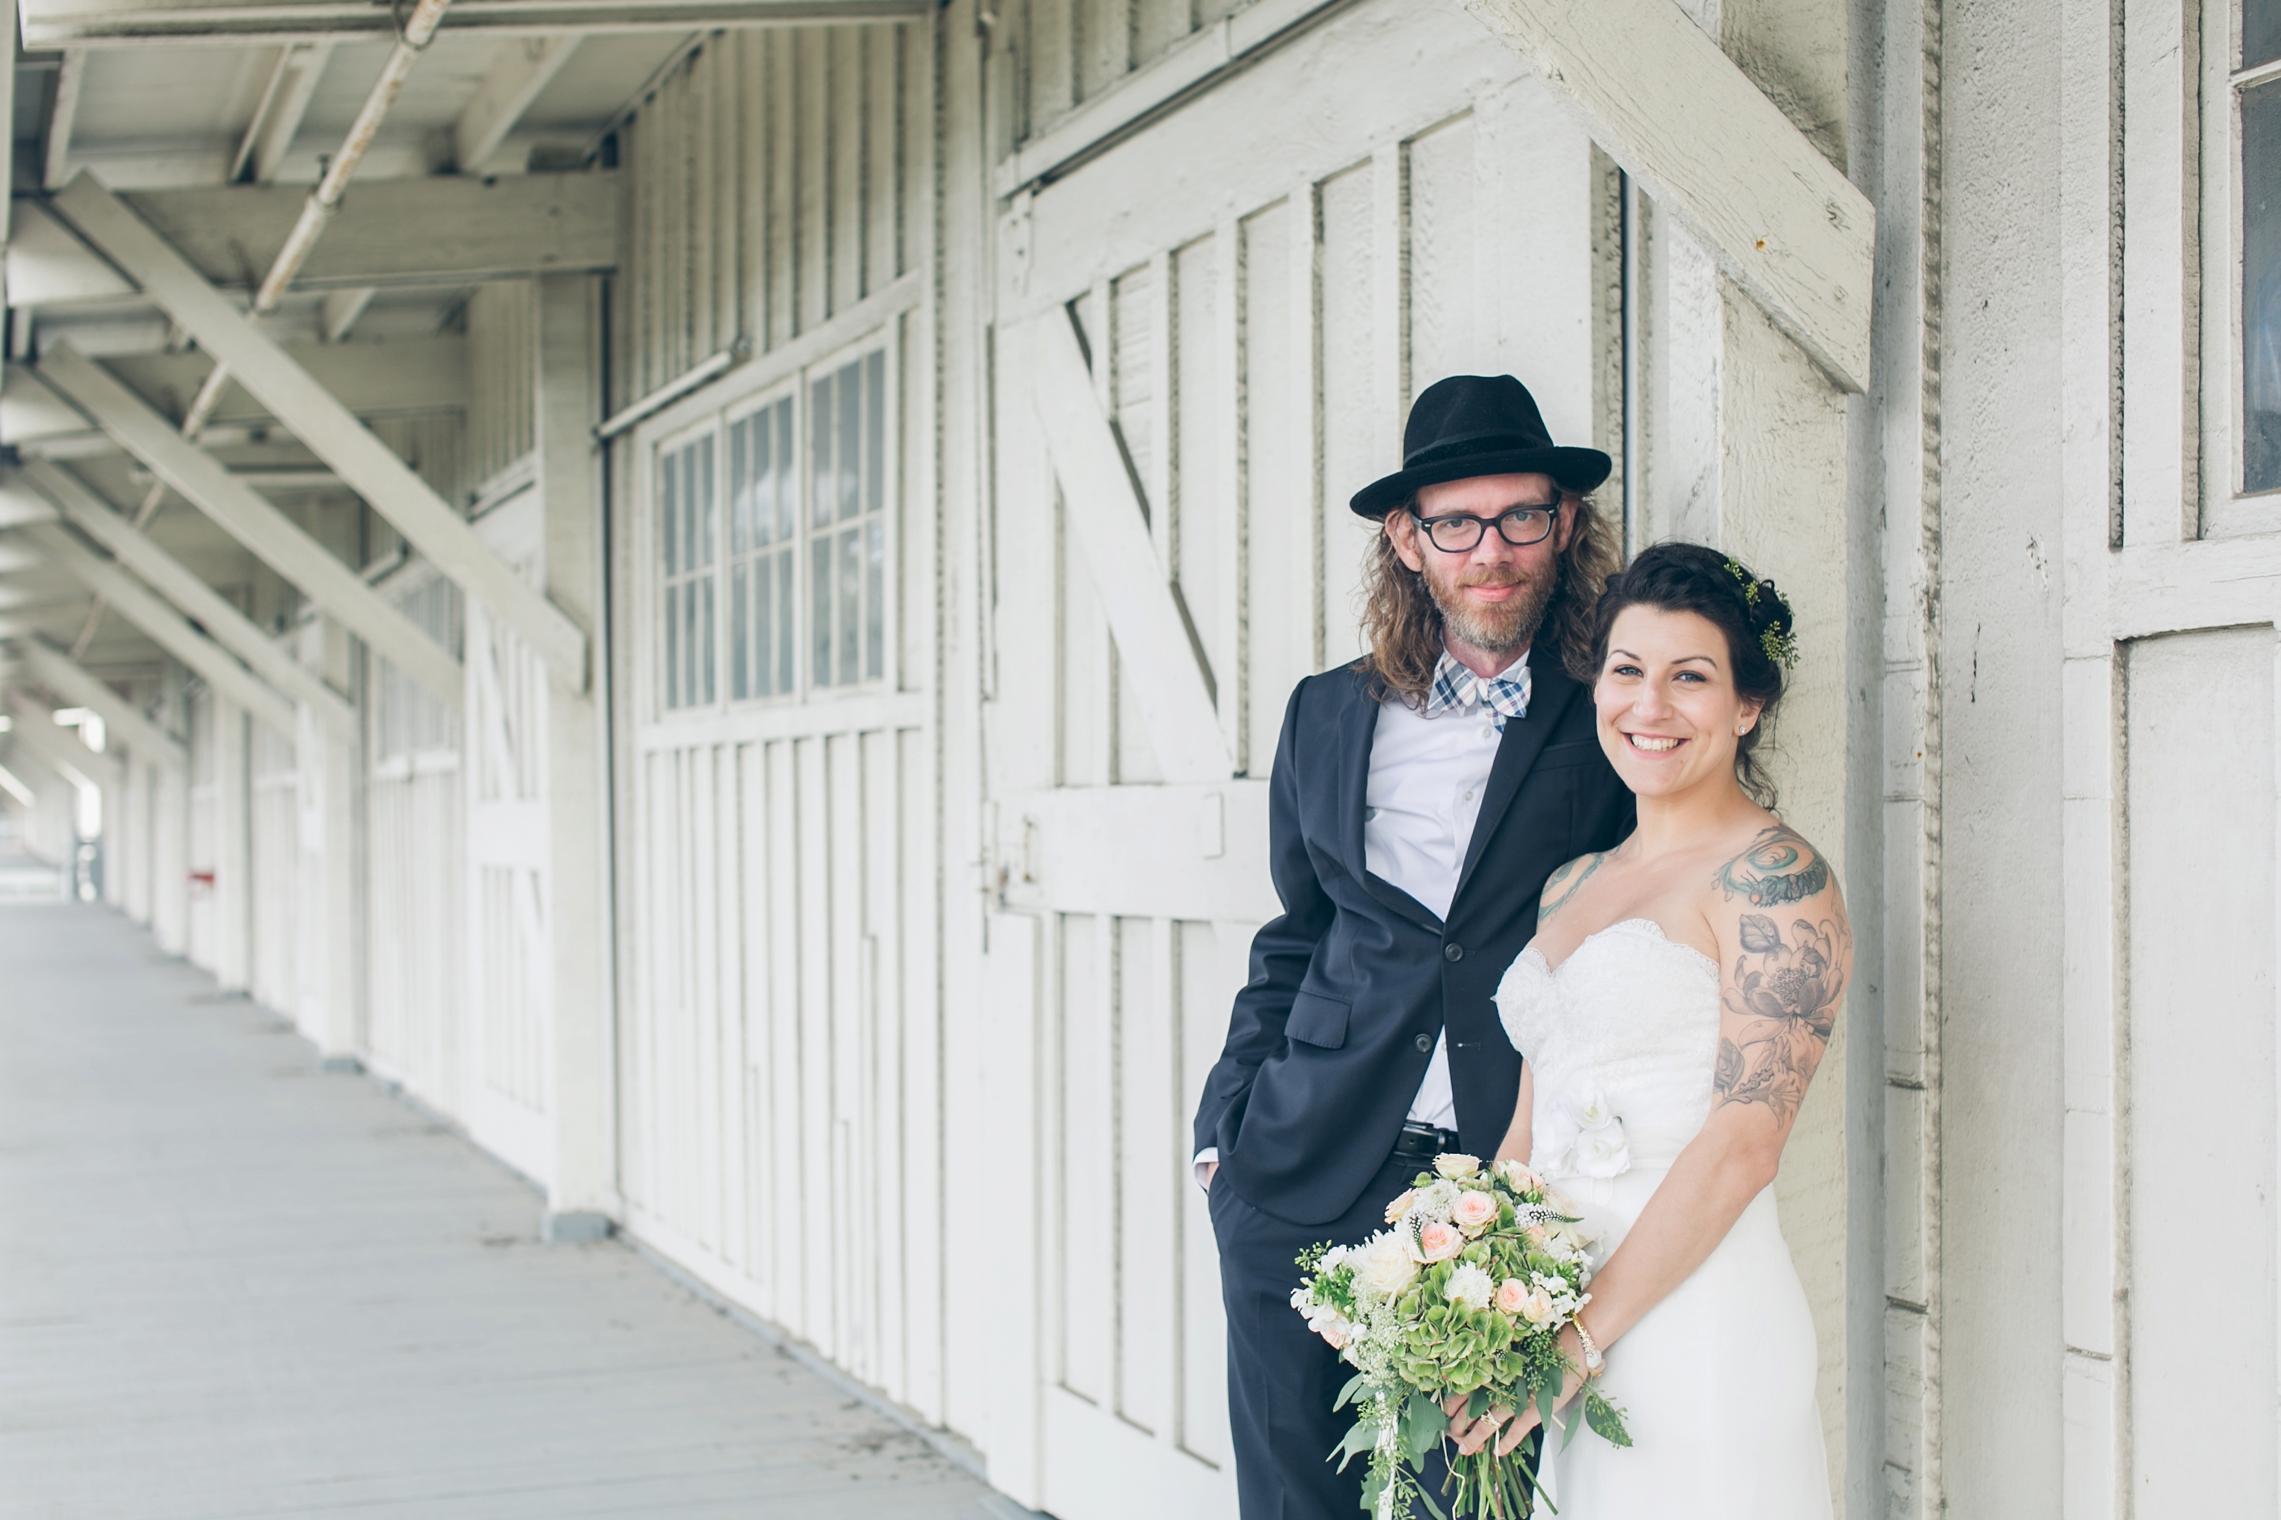 CRISSY-FIELD-SF-WEDDING_0009.jpg